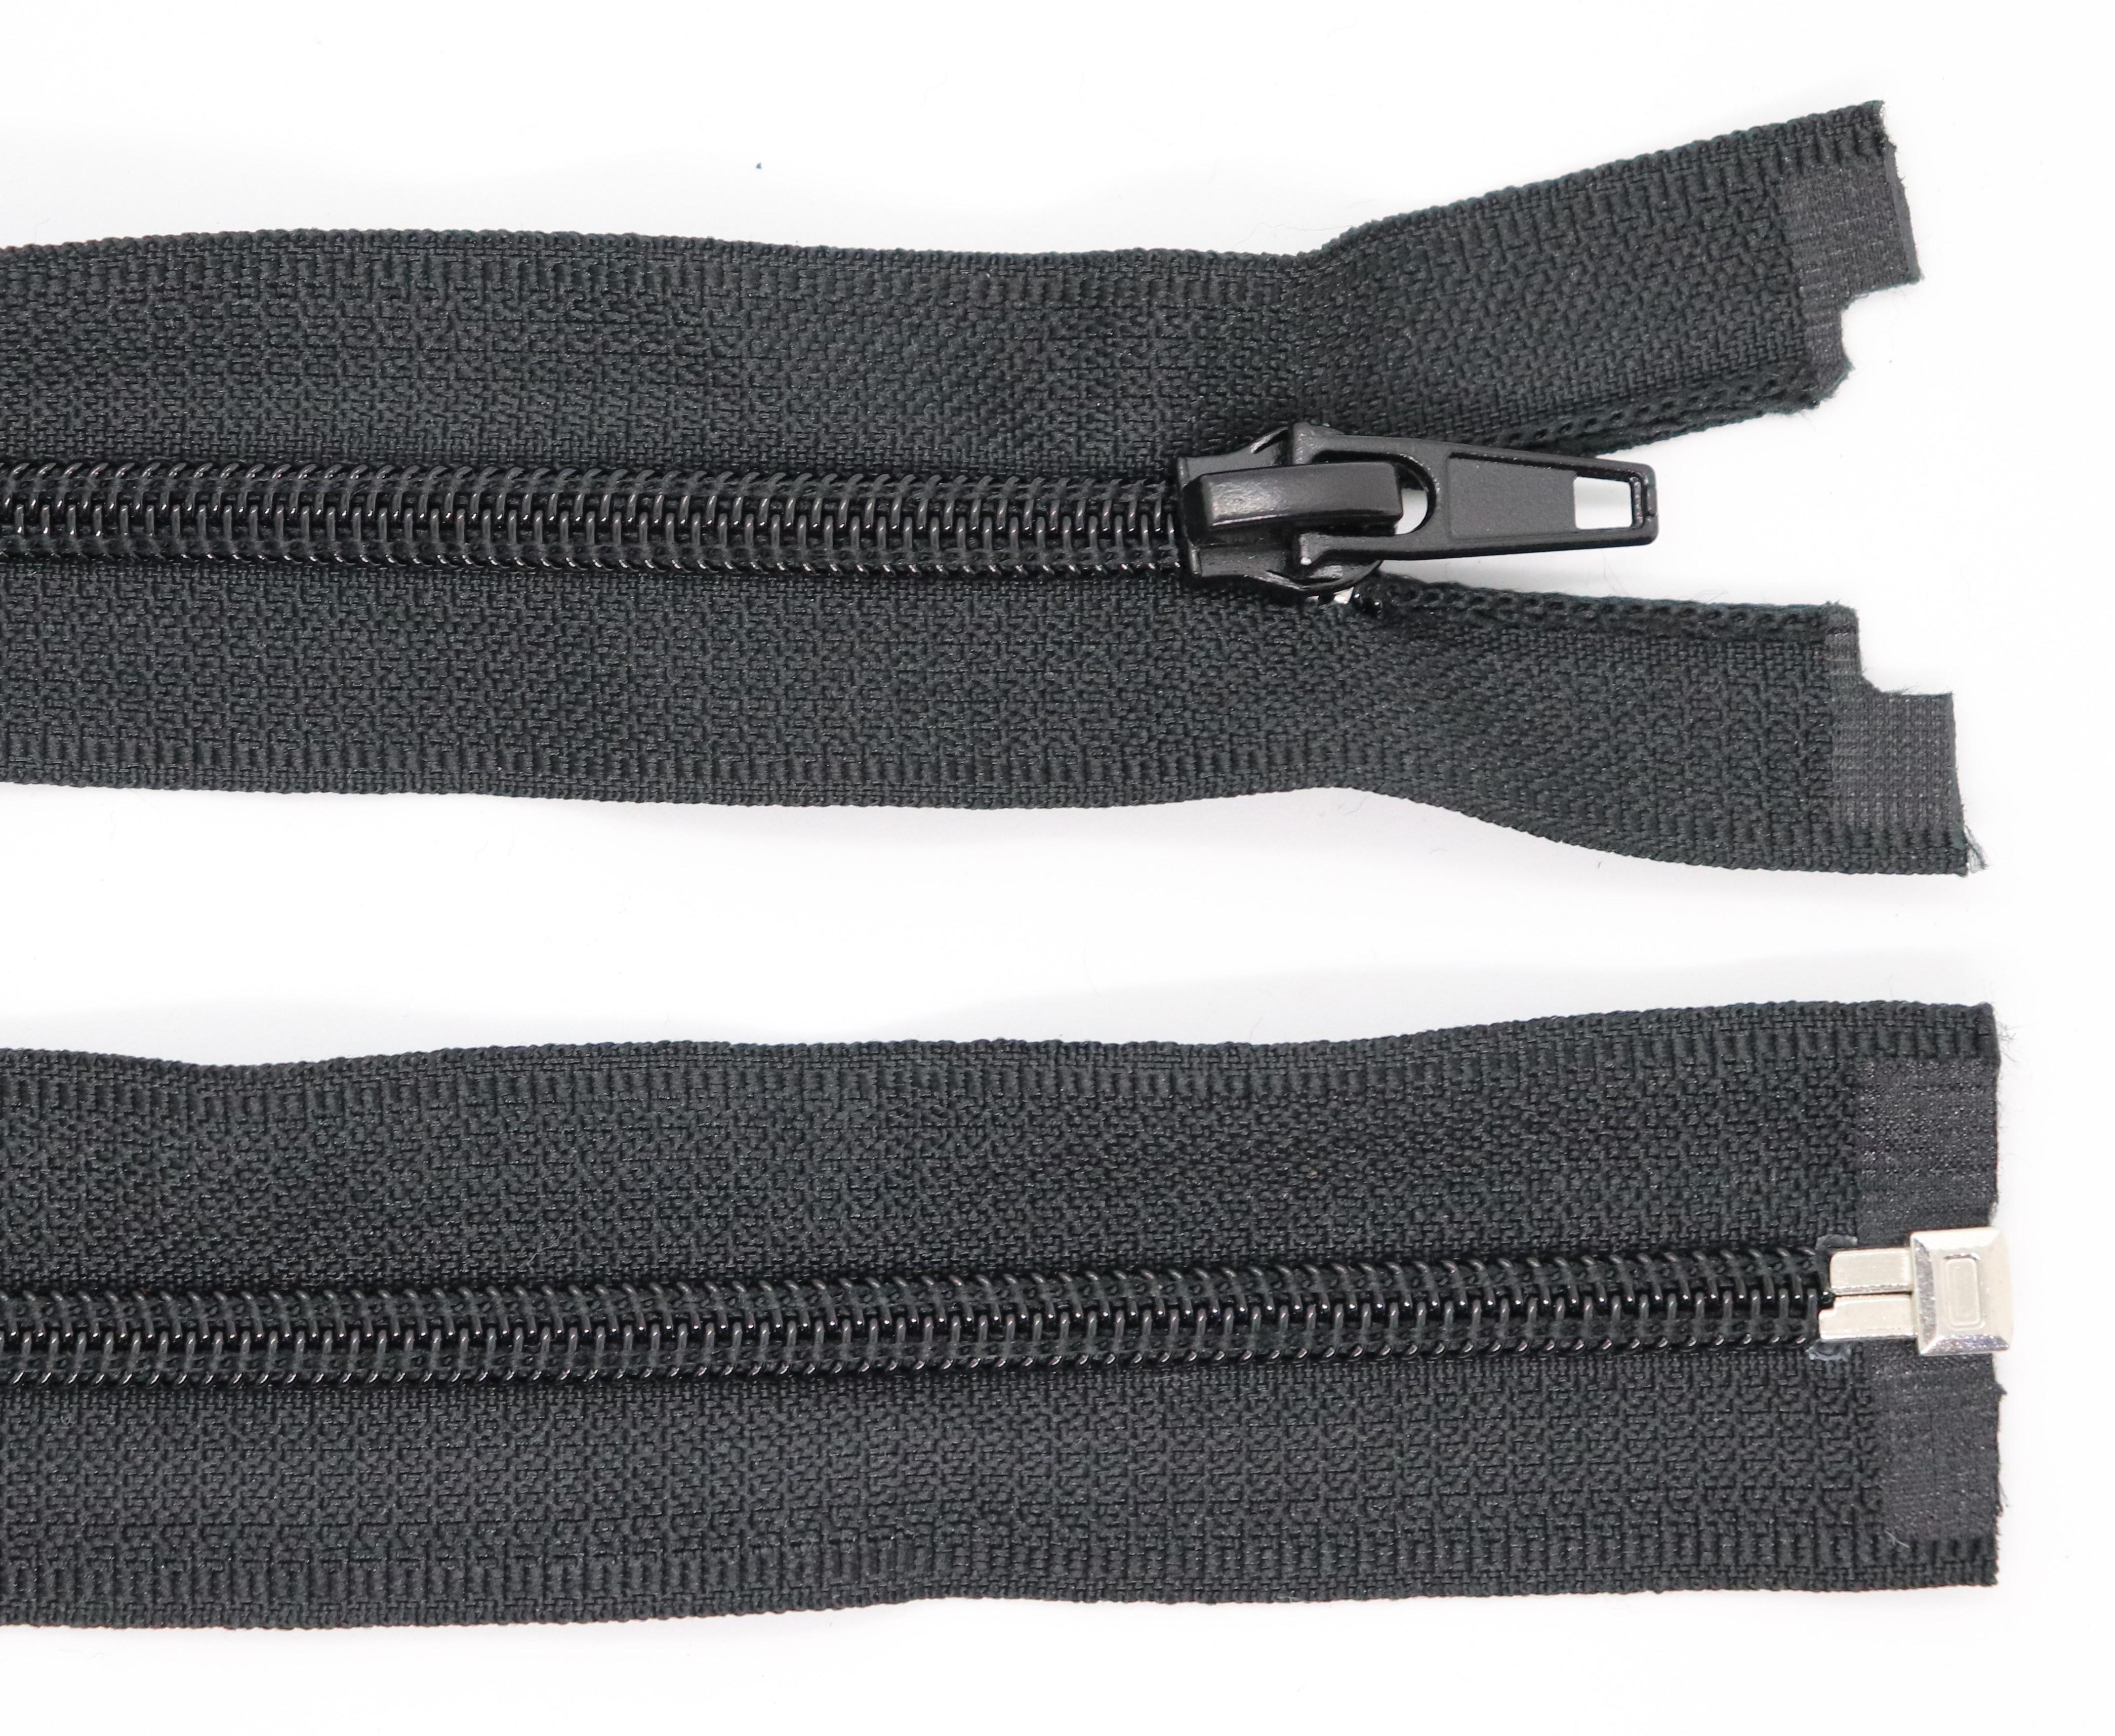 Spirálový zip šíøe 5 mm délka 45 cm dìlitelný - zvìtšit obrázek